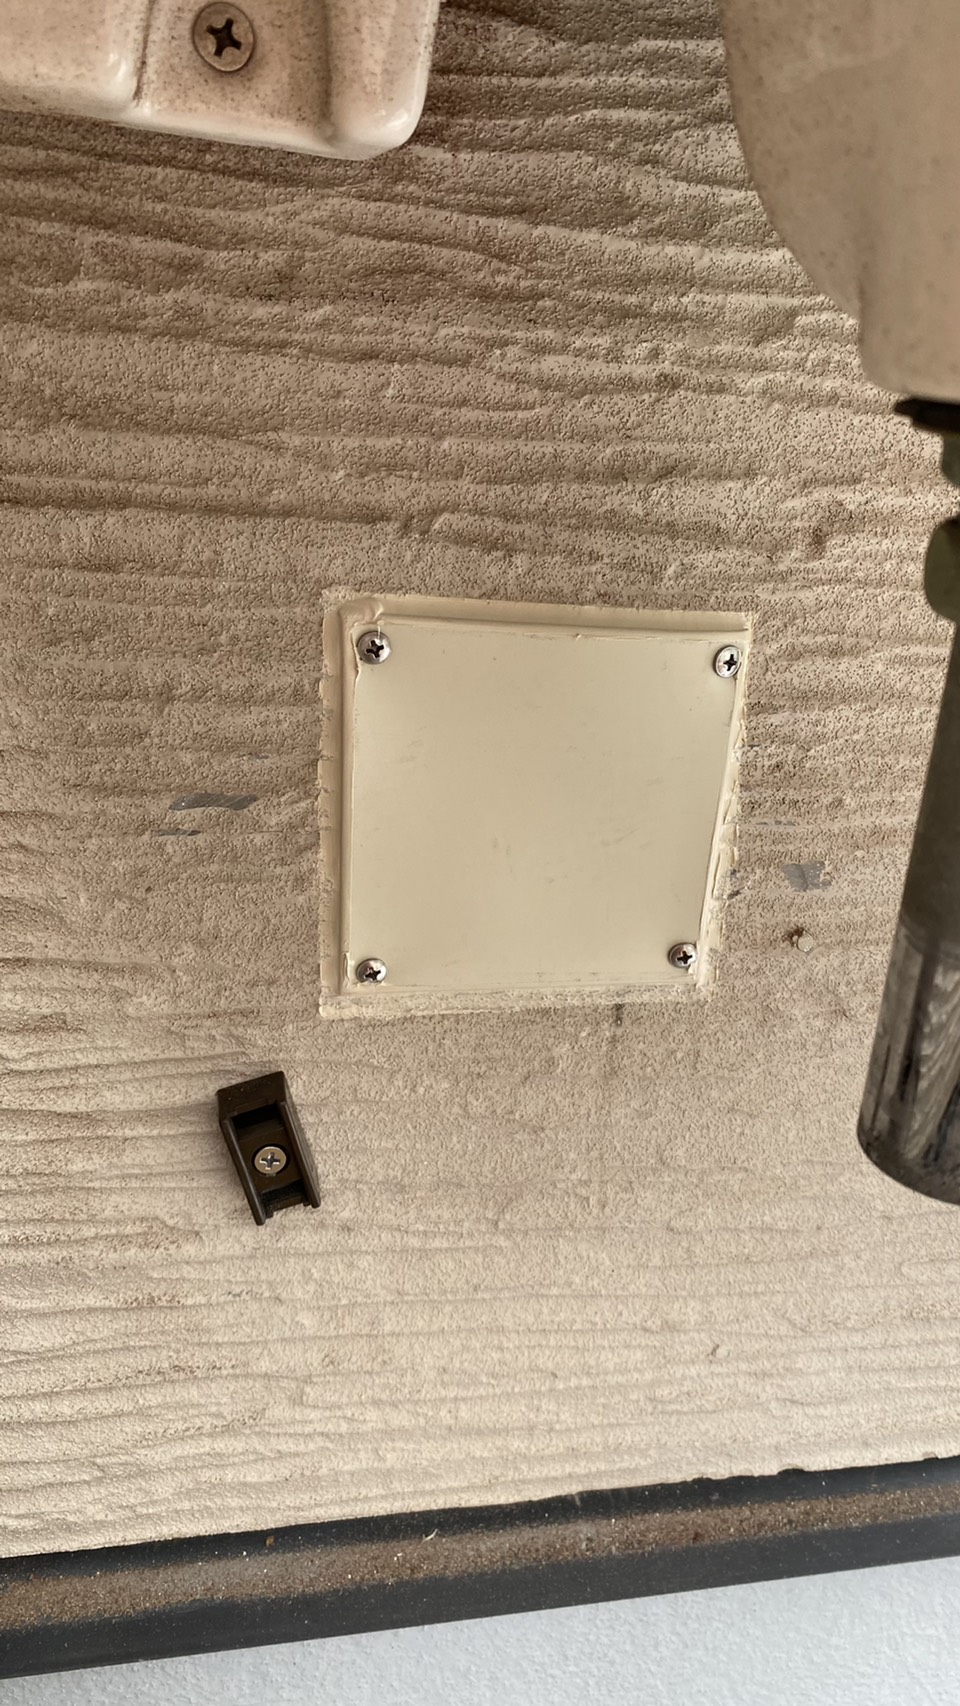 雨漏りの原因となっている排水管の穴を板金で塞いだ様子